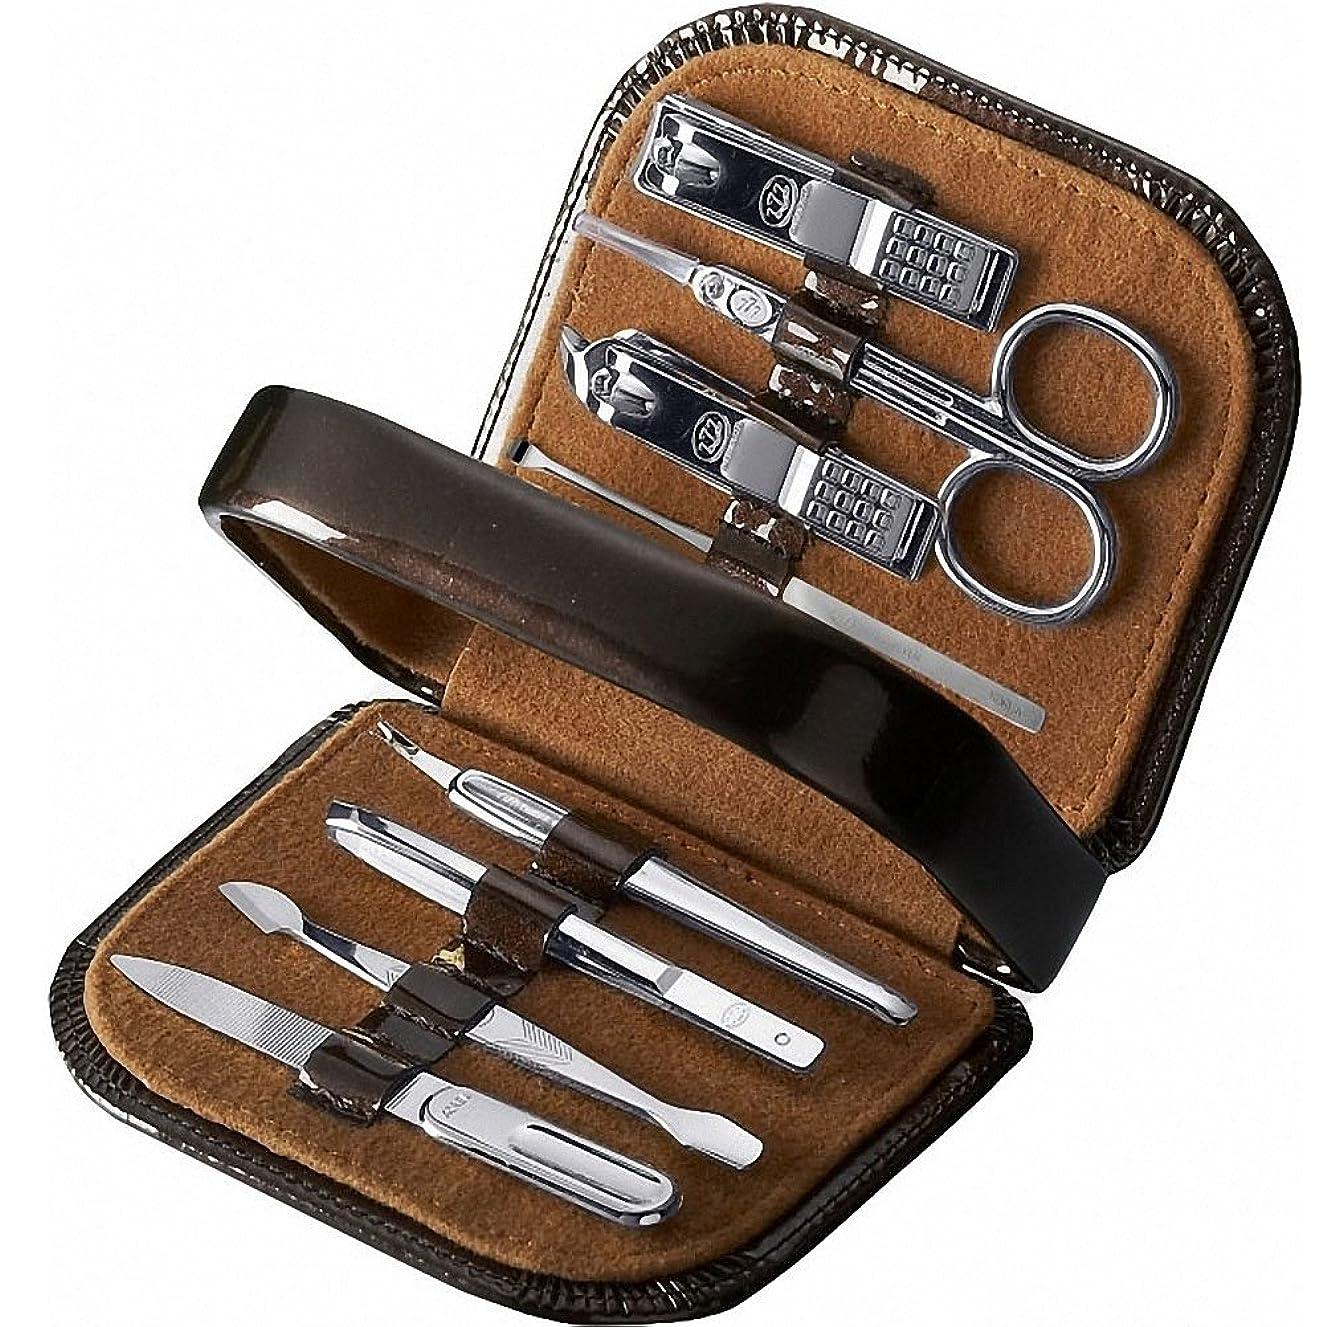 作業維持健康的【 三セブン】THREE SEVEN TS-8300C Manicure Set in Pouch Style Case 三セブンTS-8300C、ポーチスタイルボックスのマニキュアセット [並行輸入品]